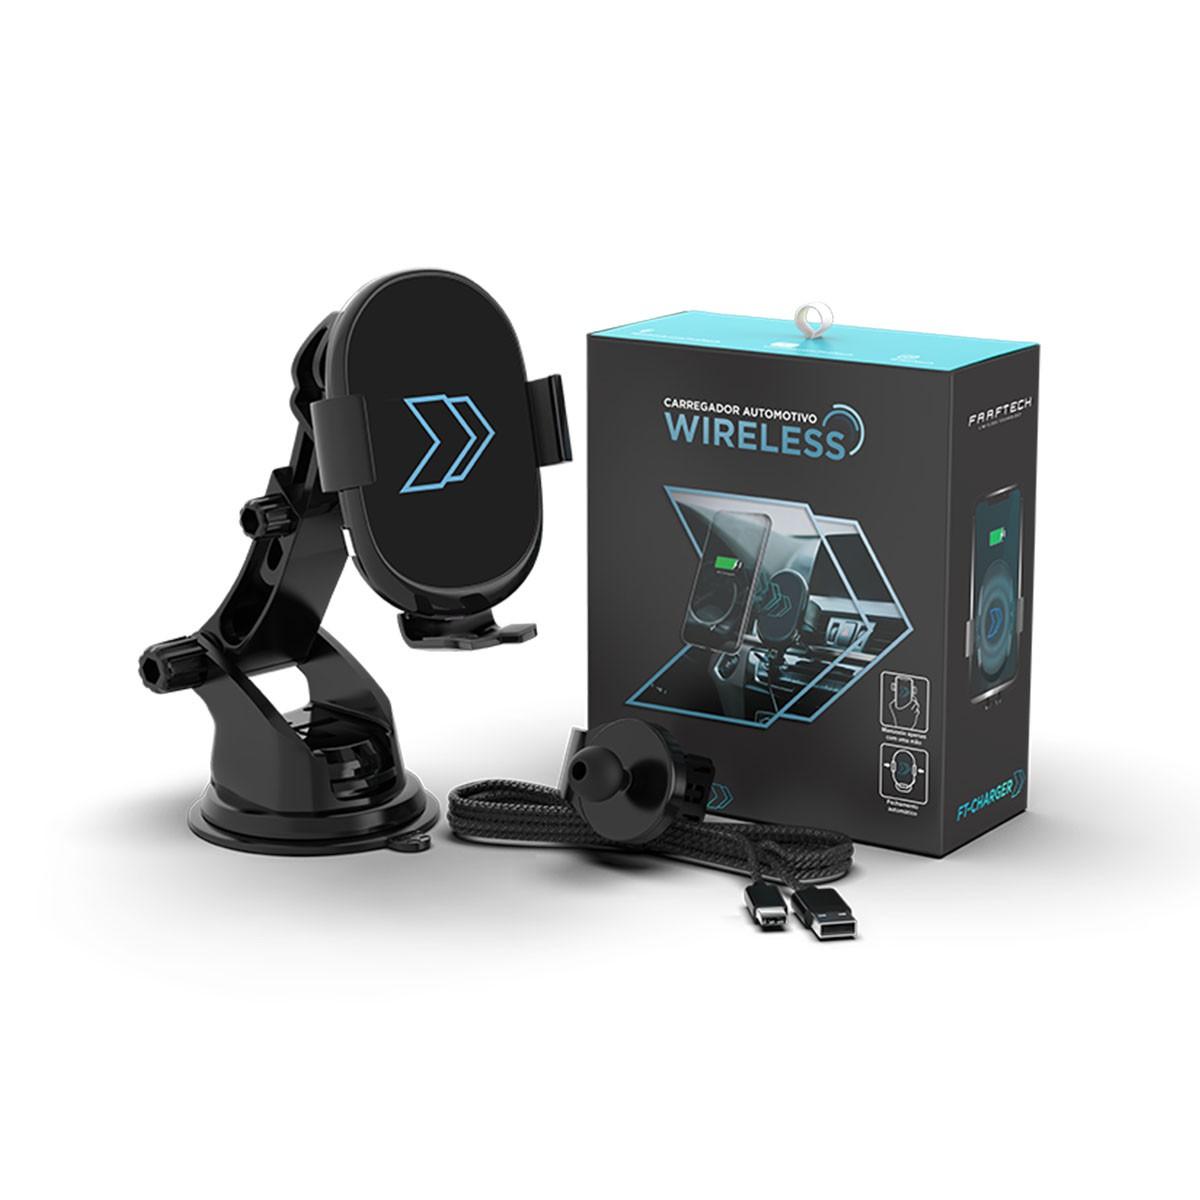 Suporte Celular Com Carregador Inteligente Sem Fio Wireless Faaftech